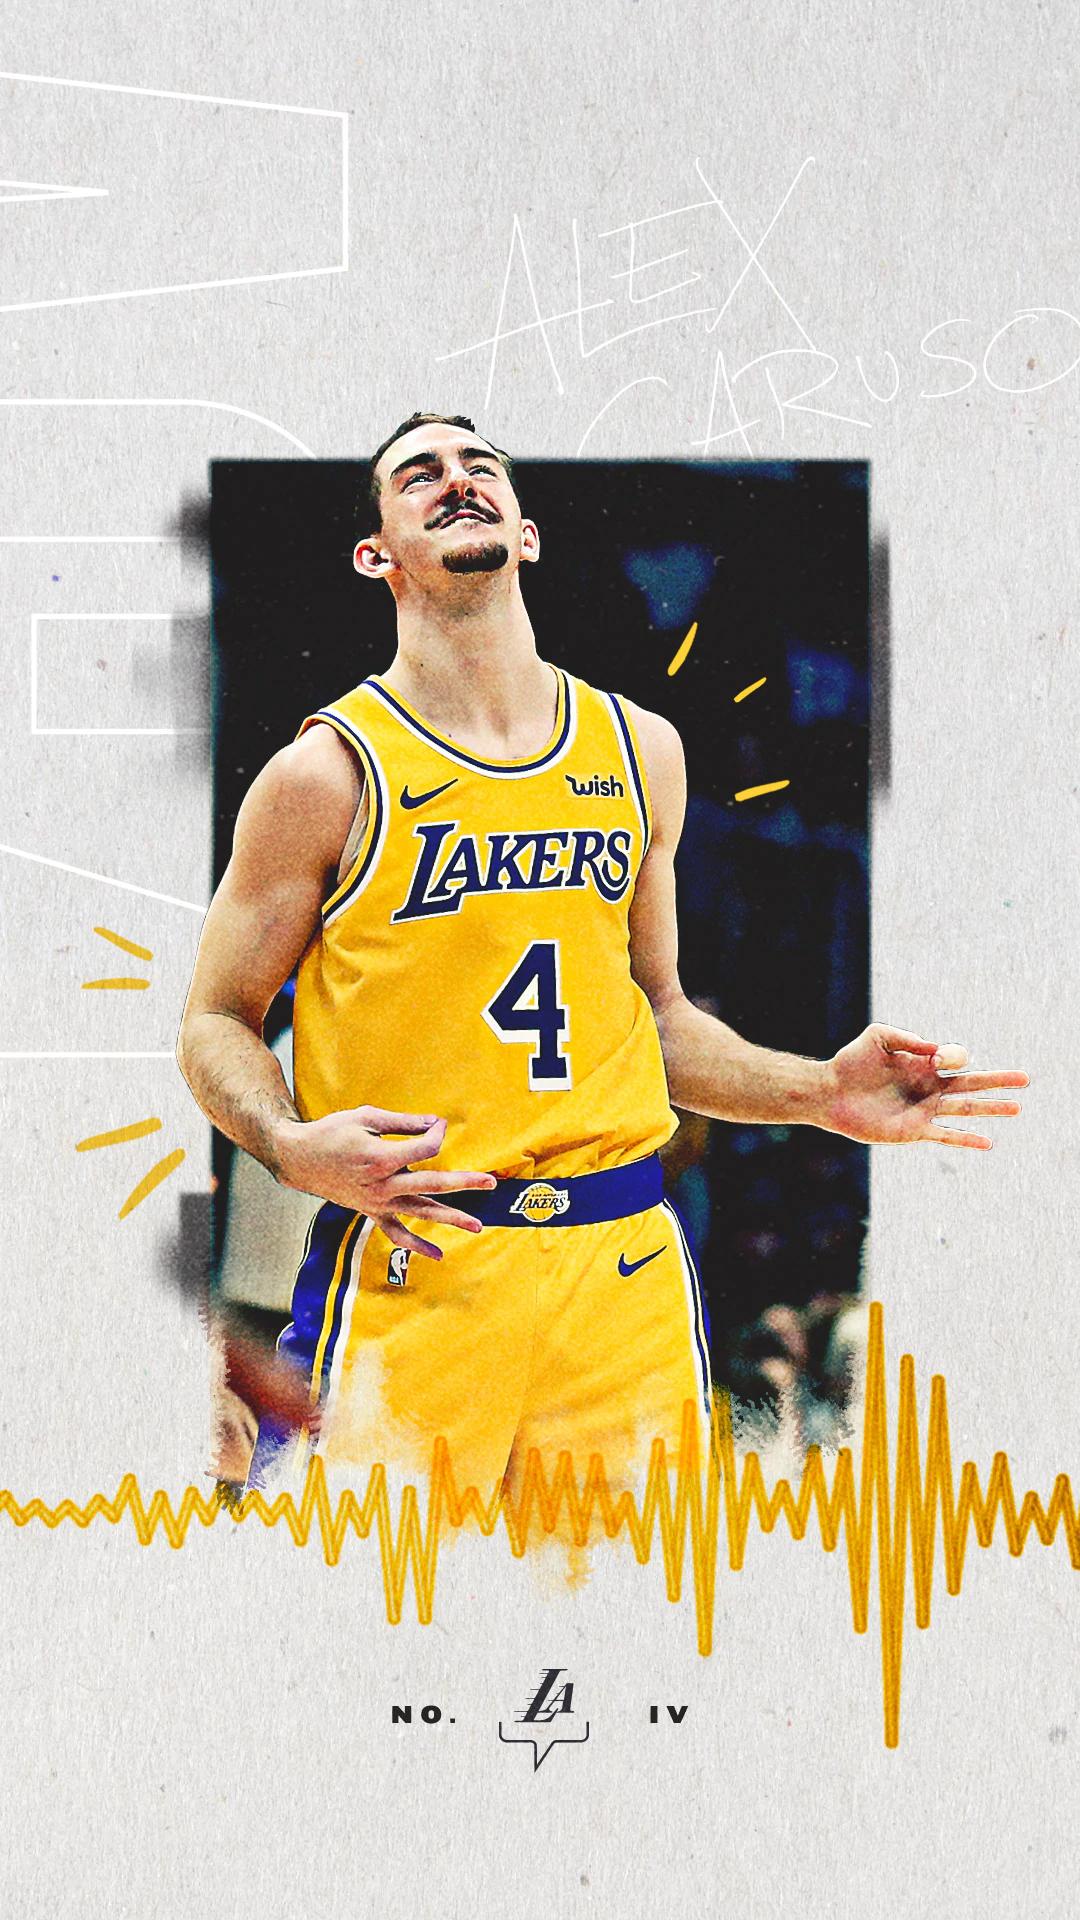 Alex Caruso Wallpaper In 2020 Lakers Wallpaper Sports Graphic Design Sports Design Inspiration